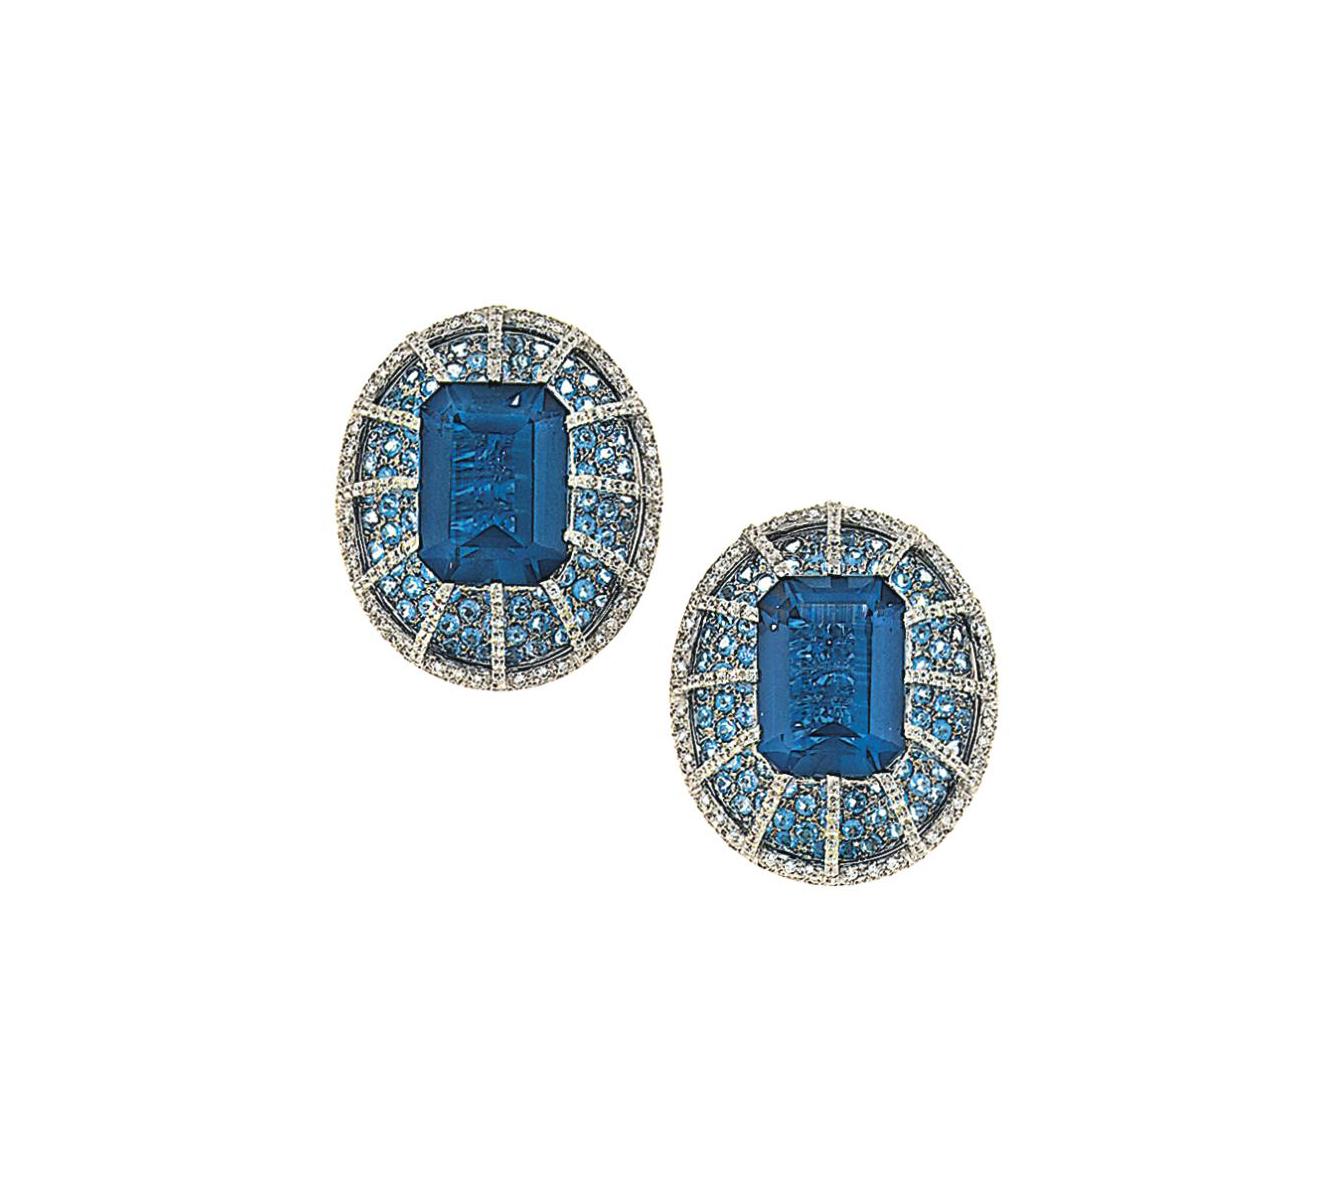 A pair of blue tourmaline, aqu